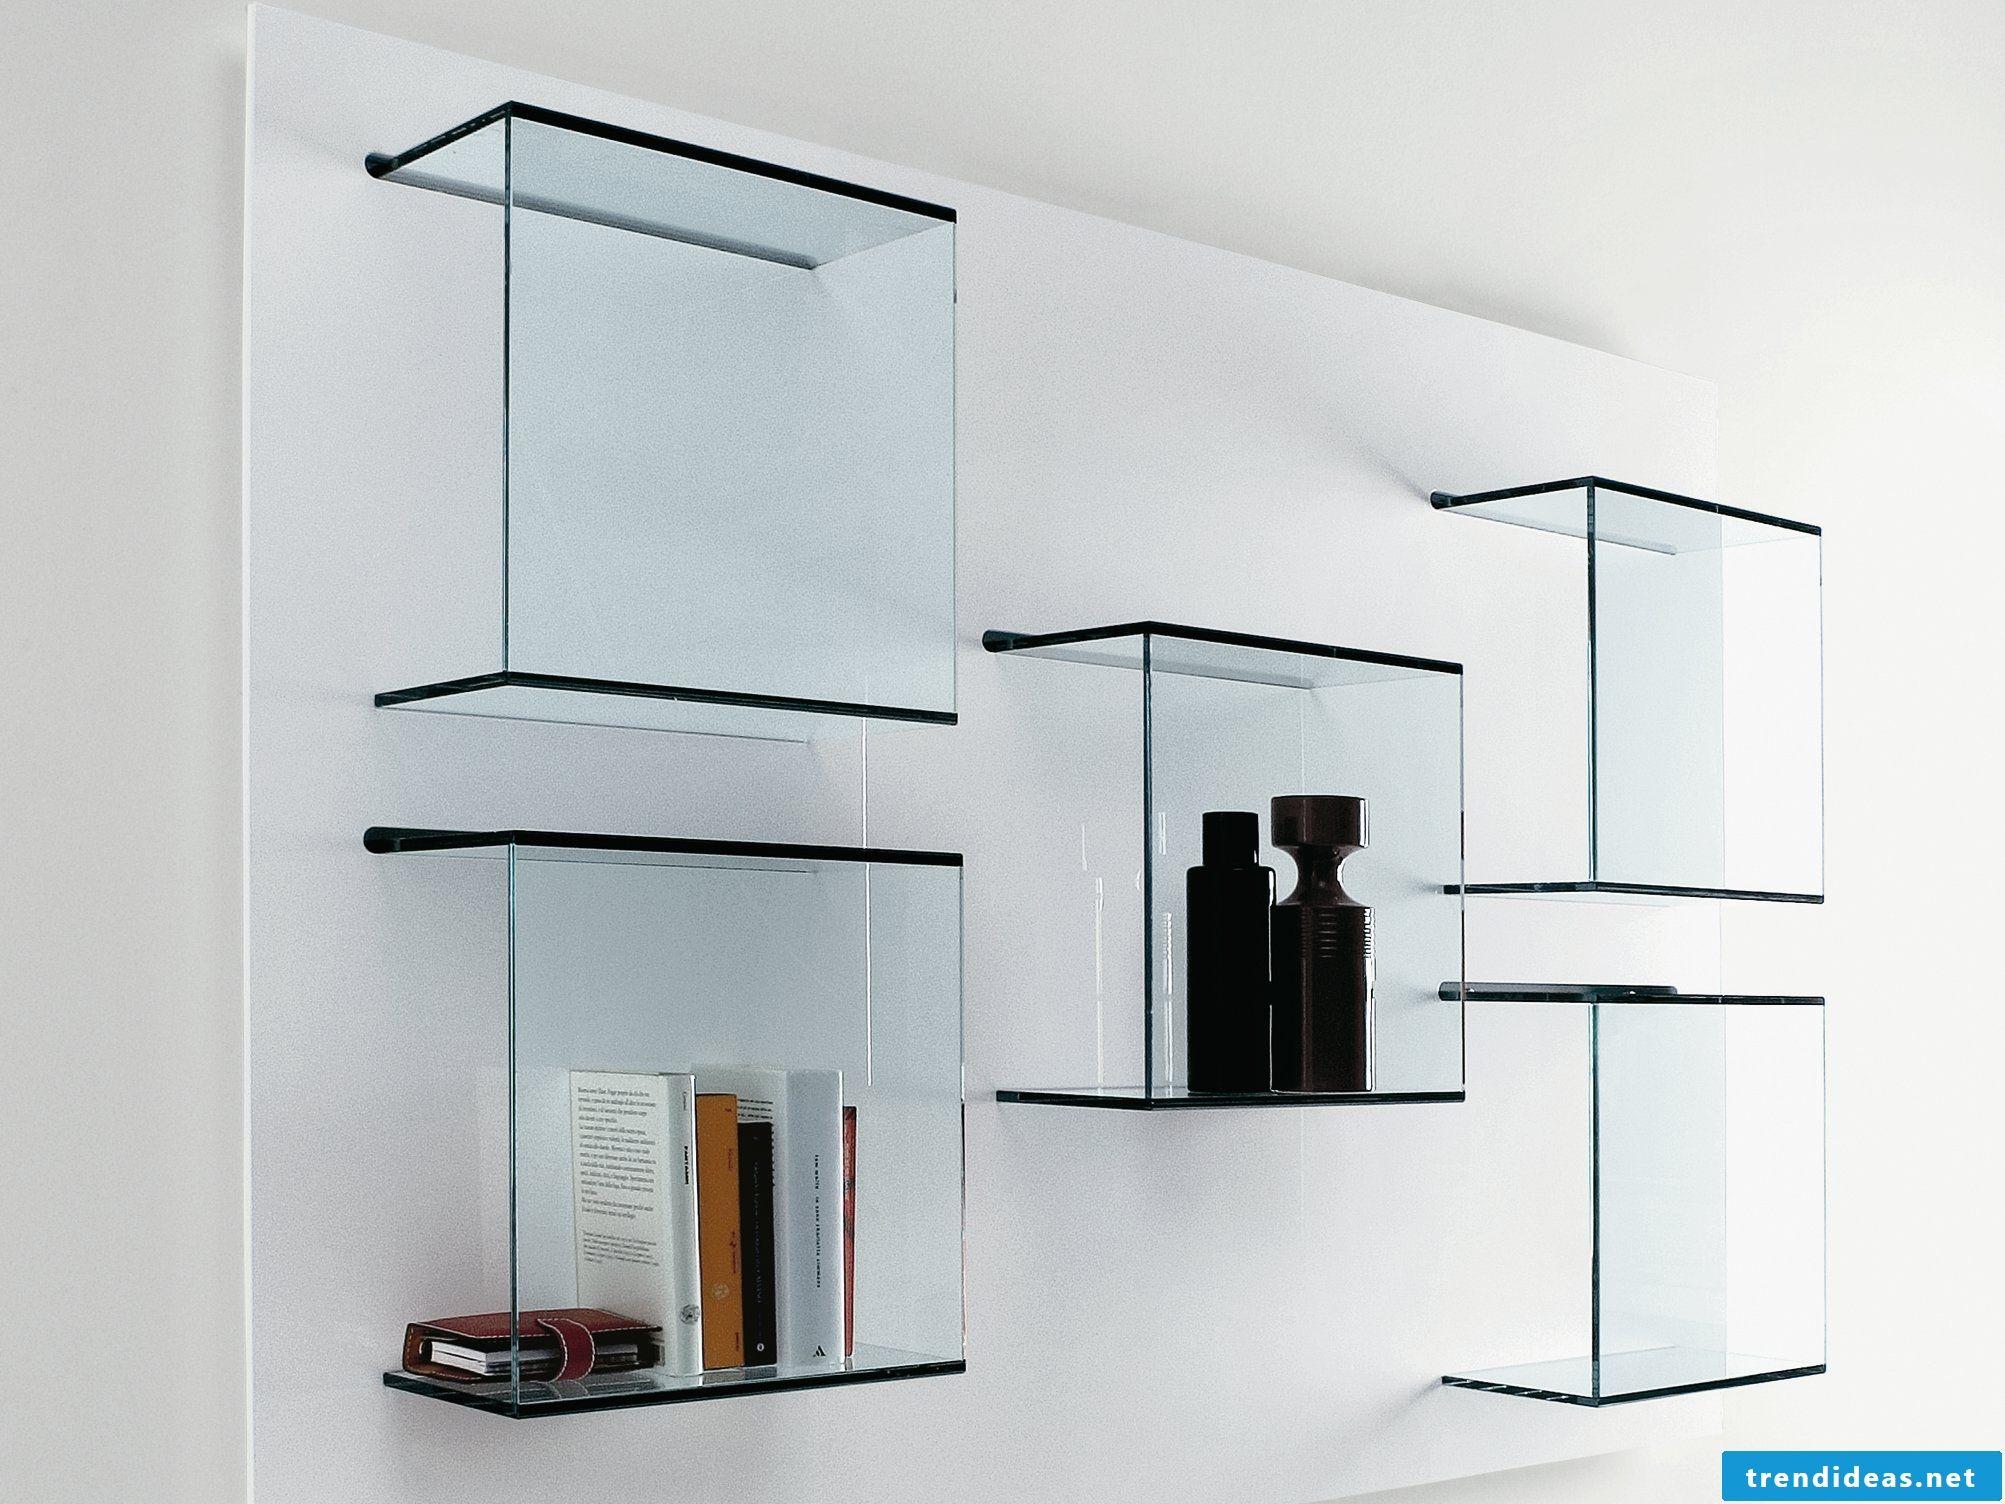 39 ideas for glass shelves for every room design | Pinterest | Glass ...